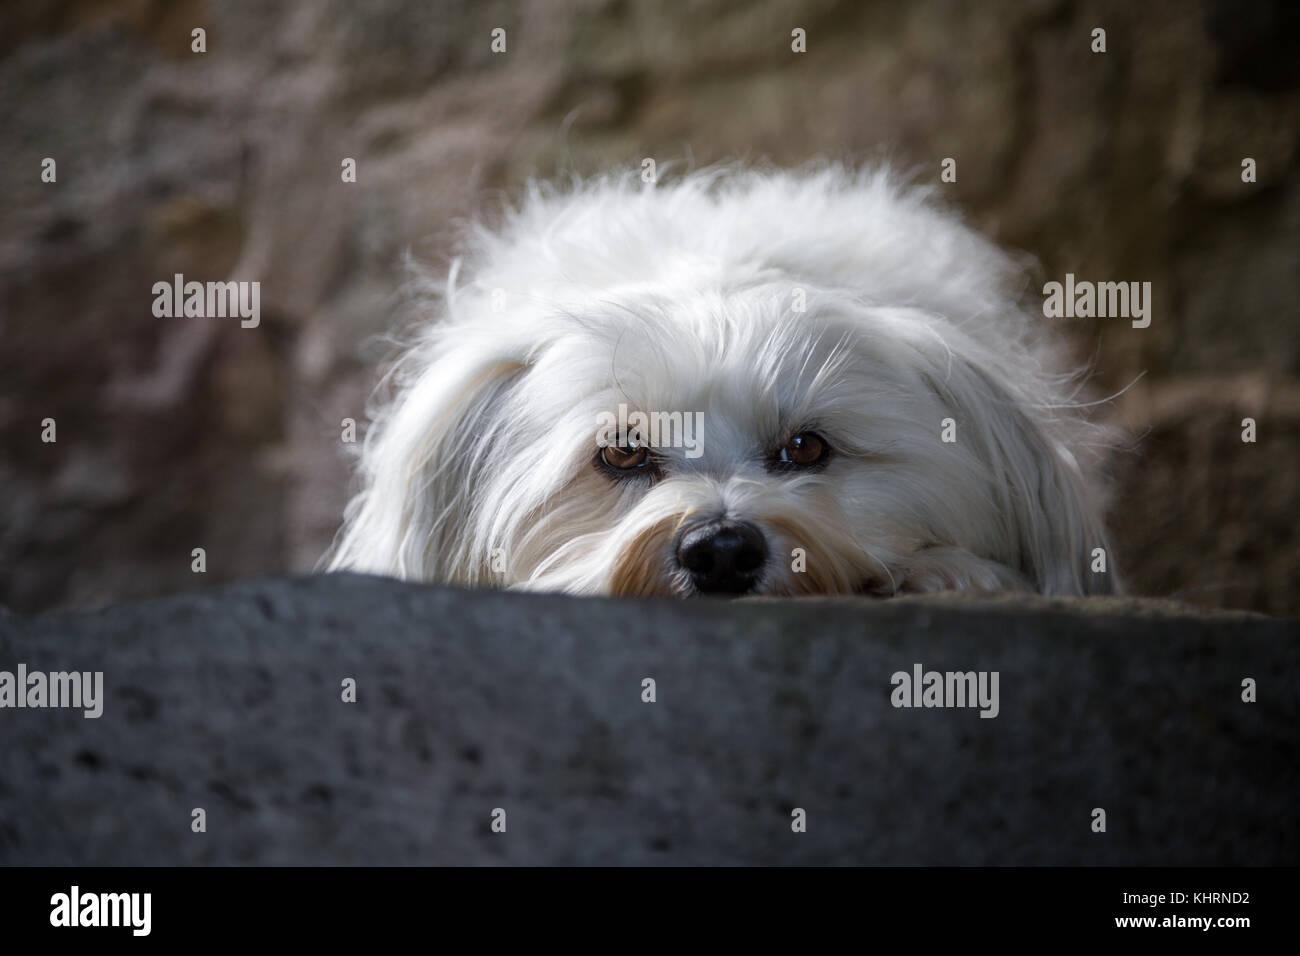 Ein kleiner weißer Hund Balatonfüred in einer steinstufe und blickt in die Kamera. Stockfoto